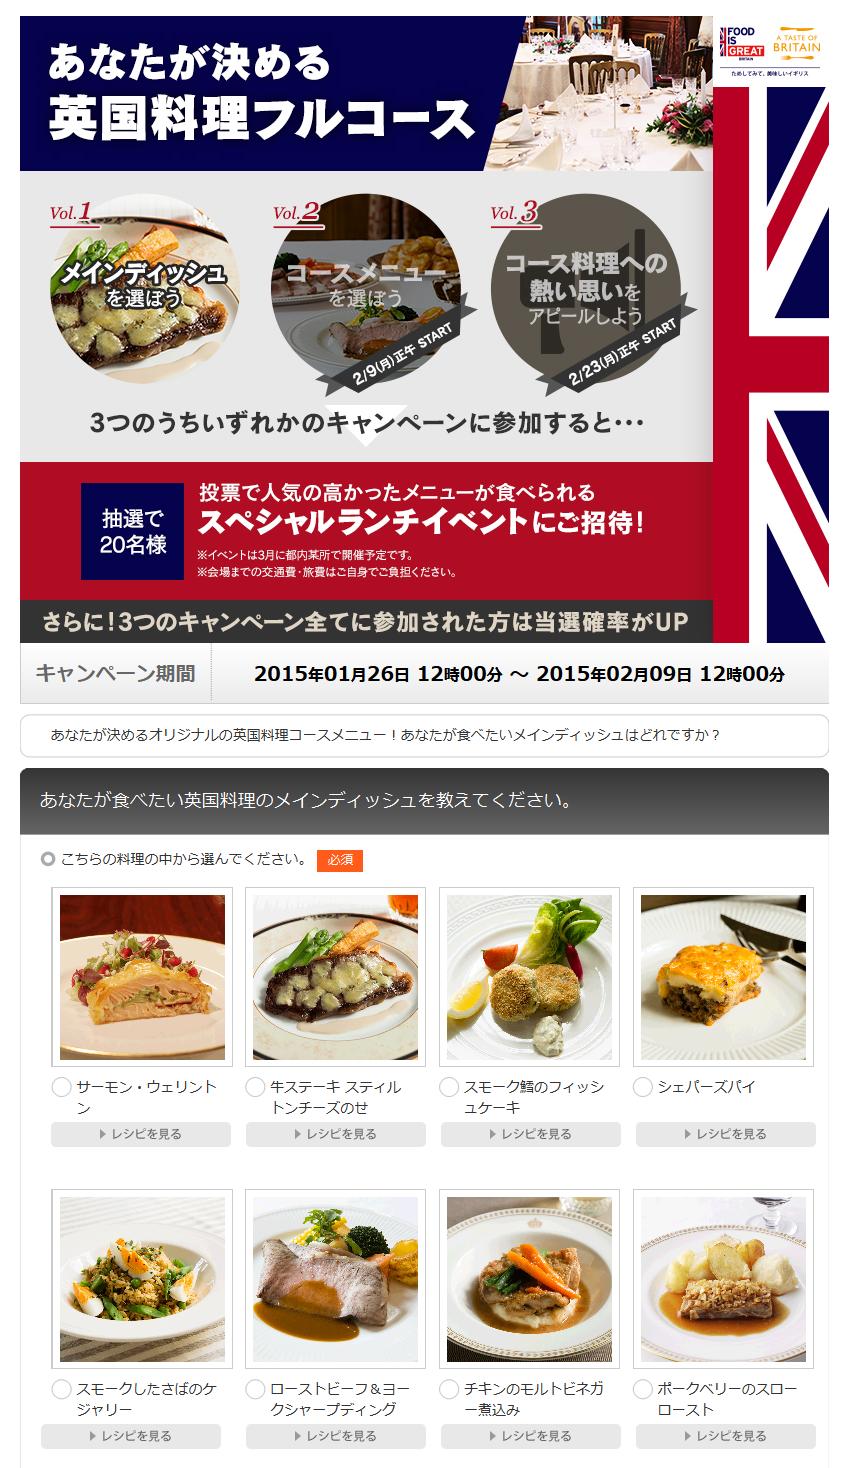 投票で人気の高かった英国メニューを食べられる!「あなたが決める英国料理のフルコース ソーシャルメディアキャンペーン」スタート!